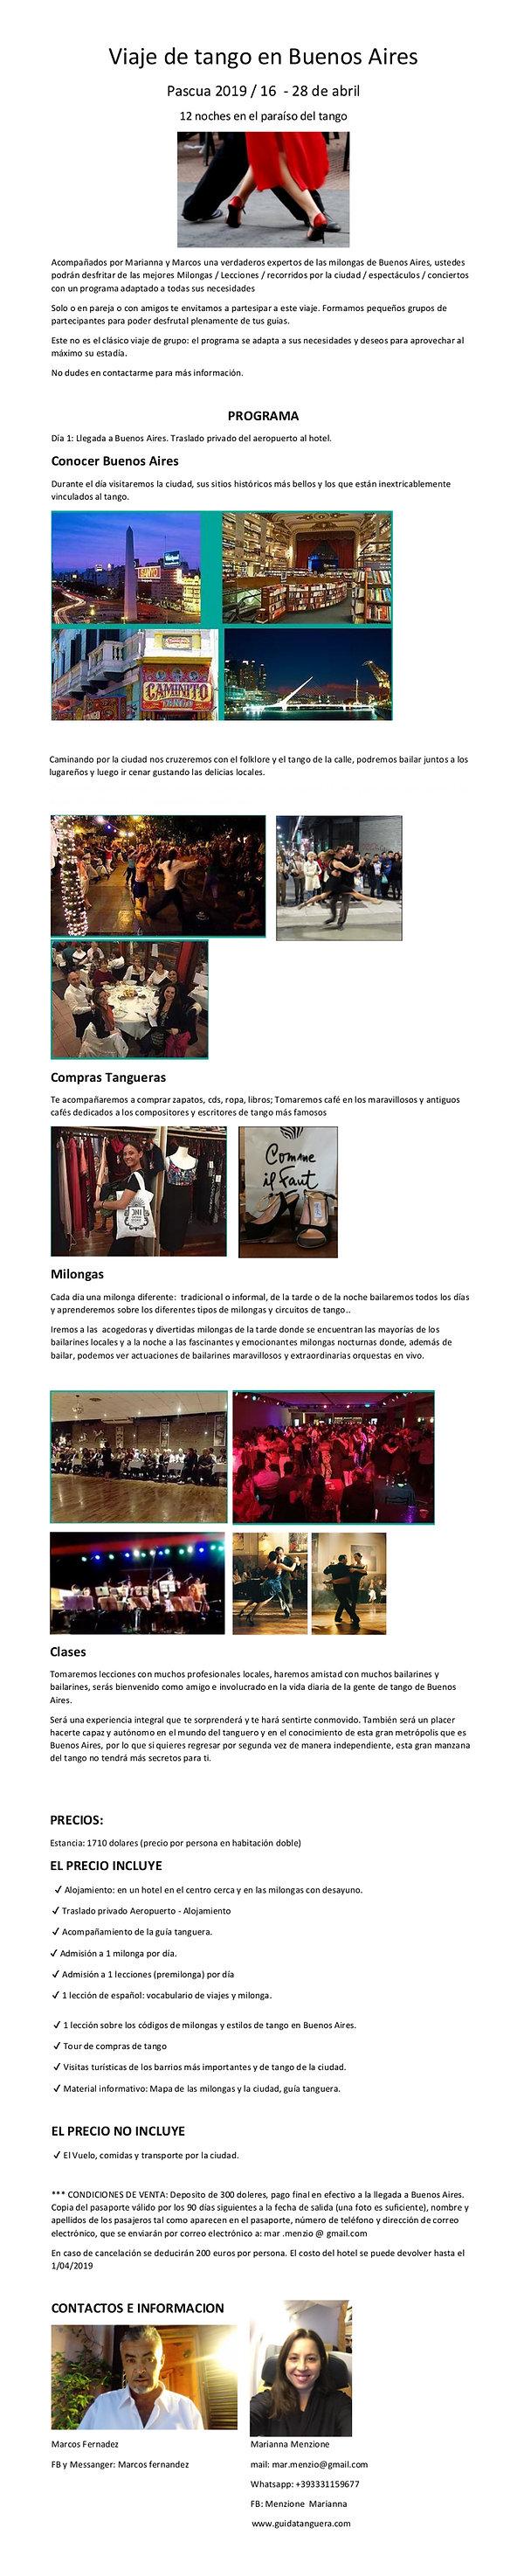 Viaje de tango Pascua 2019 en Buenos Air